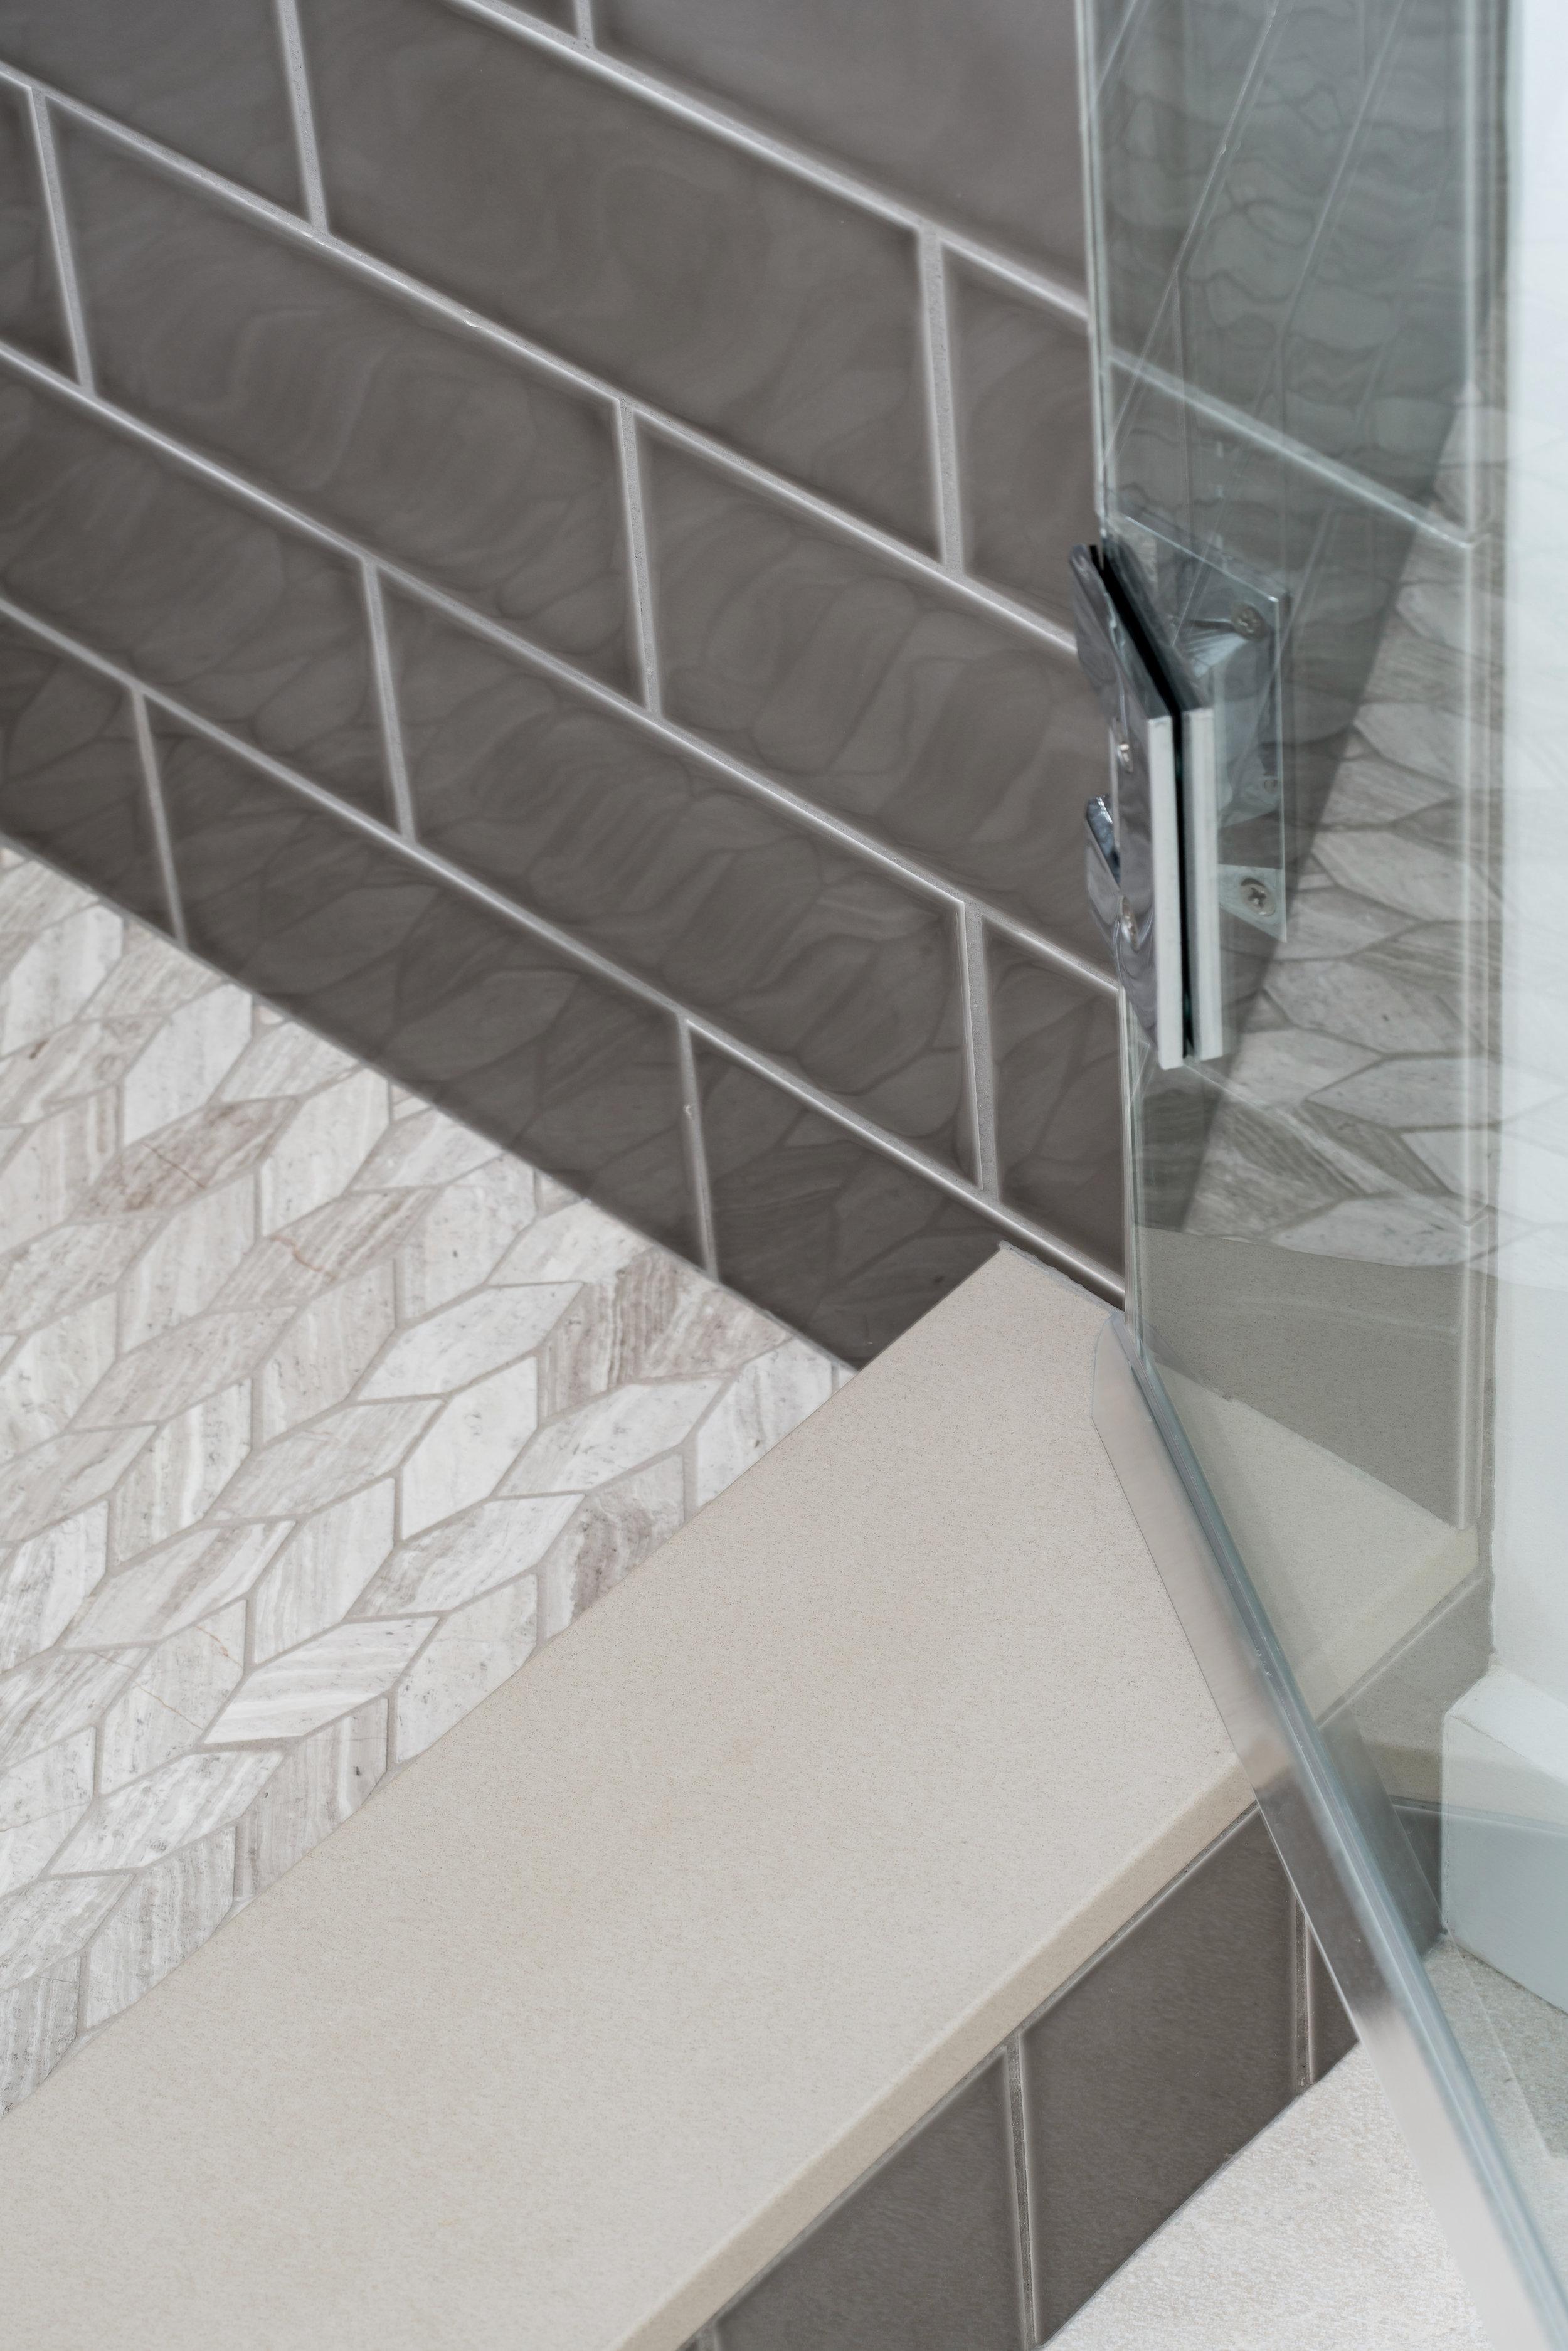 FreibergDrive-Shower-Tile.jpg